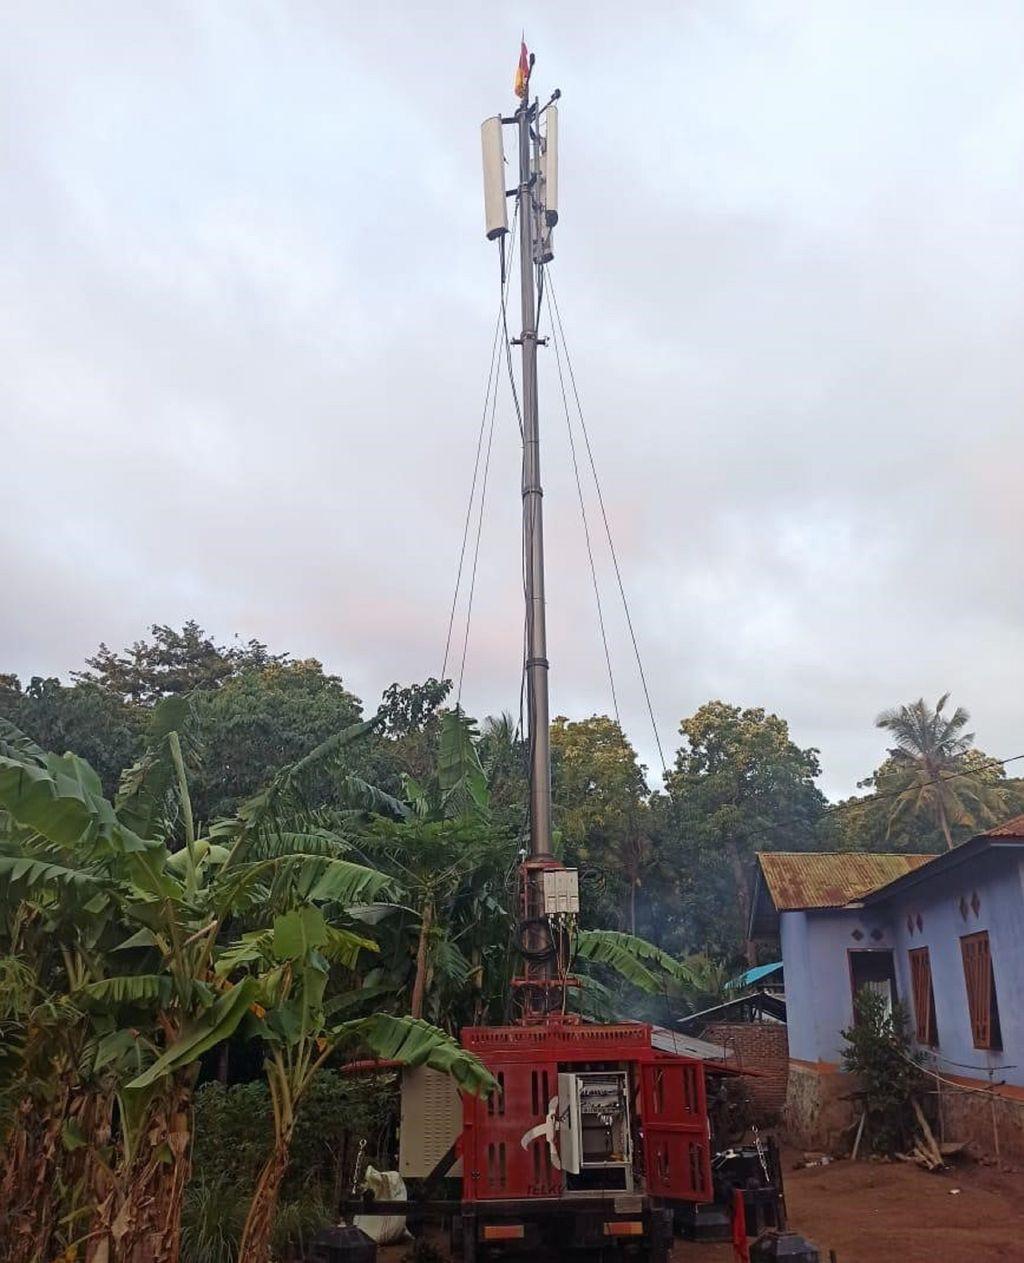 Telkomsel memperluas akses jaringan 4G di Di Desa Woloklibang, Kecamatan Adonara Barat, Kabupaten Flores Timur, Provinsi Nusa Tenggara Timur.